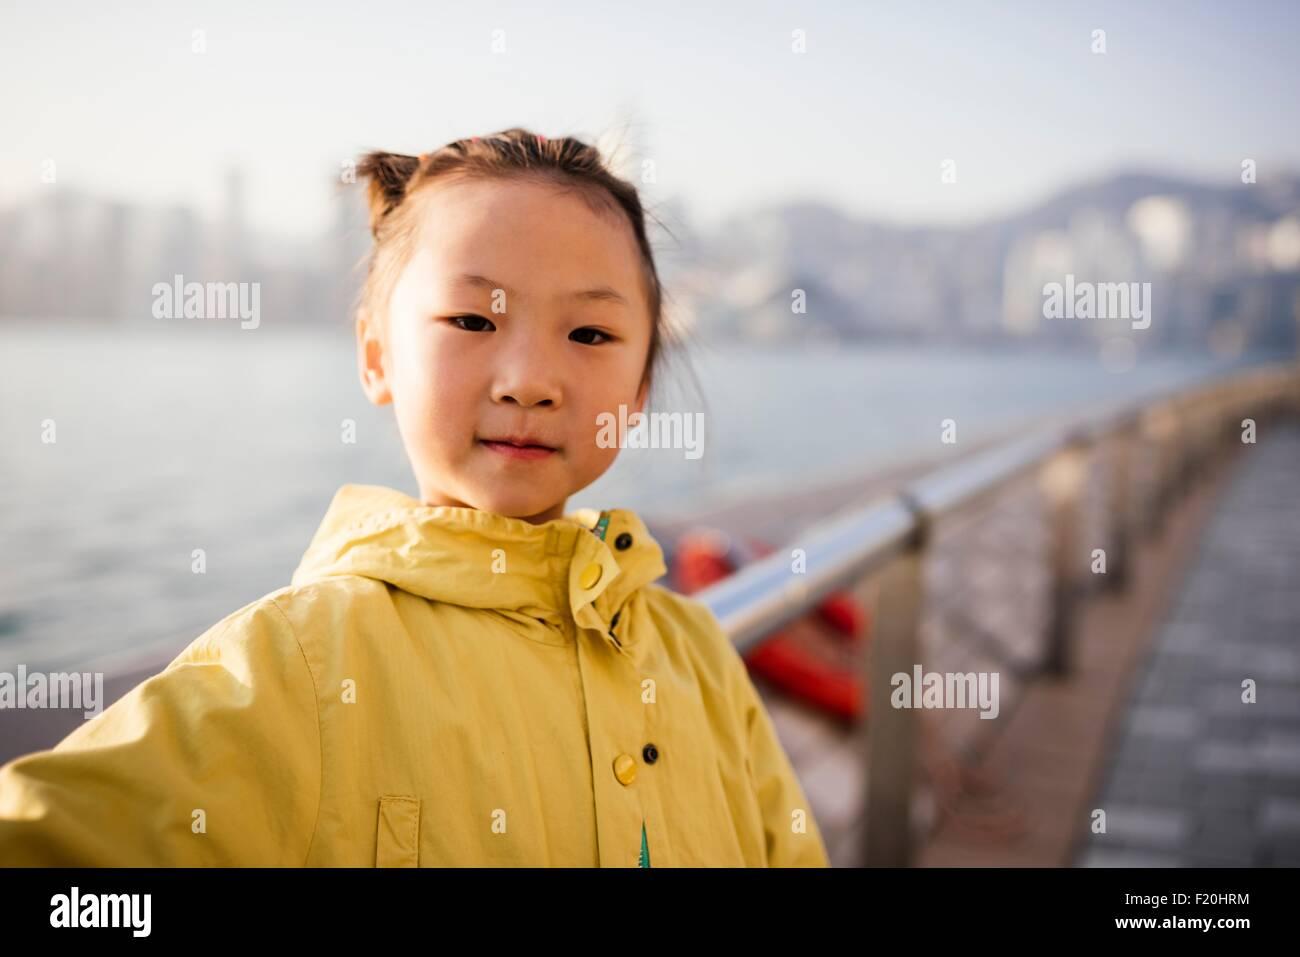 Portrait de jeune fille portant manteau jaune en face de l'eau looking at camera Banque D'Images